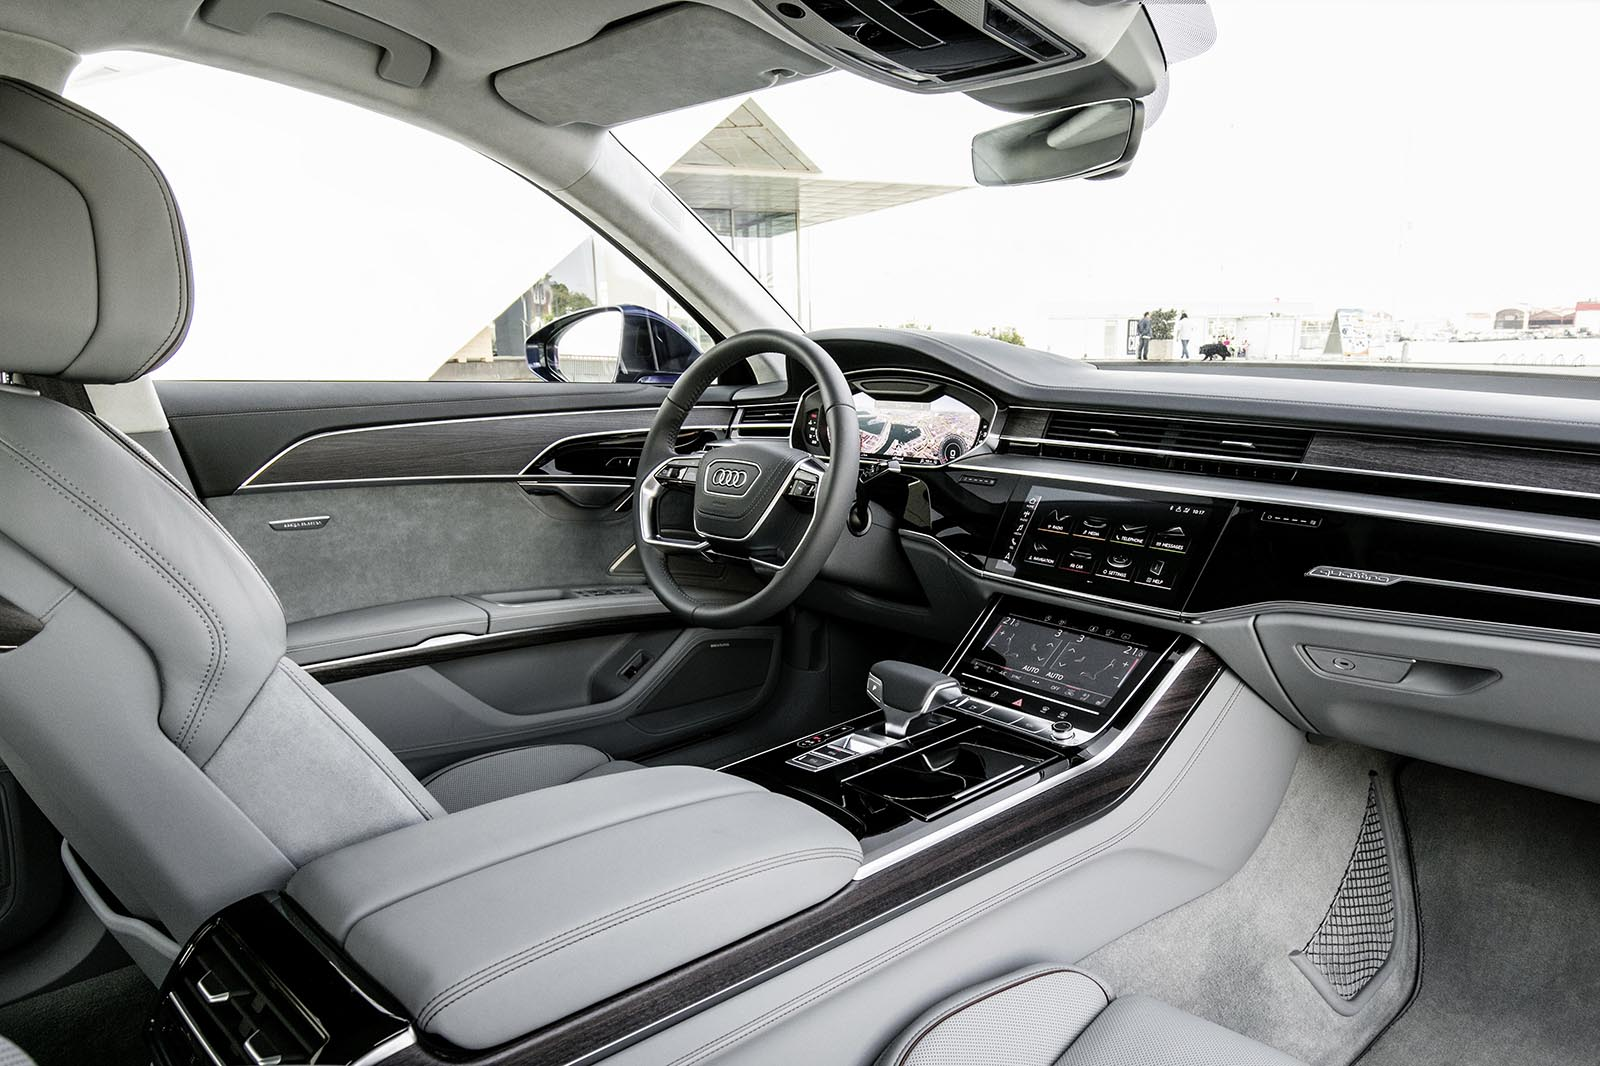 Audi A8 科技旗艦運用全新的Audi Virtual Cockpit全數位虛擬座艙科技,捨棄傳統按鍵與旋鈕設計,首度搭配採用新世代MMI直覺式觸碰控制系統,駕駛者只需以手指點觸按壓或口語指令即可輕鬆操作多媒體影音資訊系統、空調與座椅調整等多項功能,人性化的操作邏輯與駕駛導向的設計令人愛不釋手